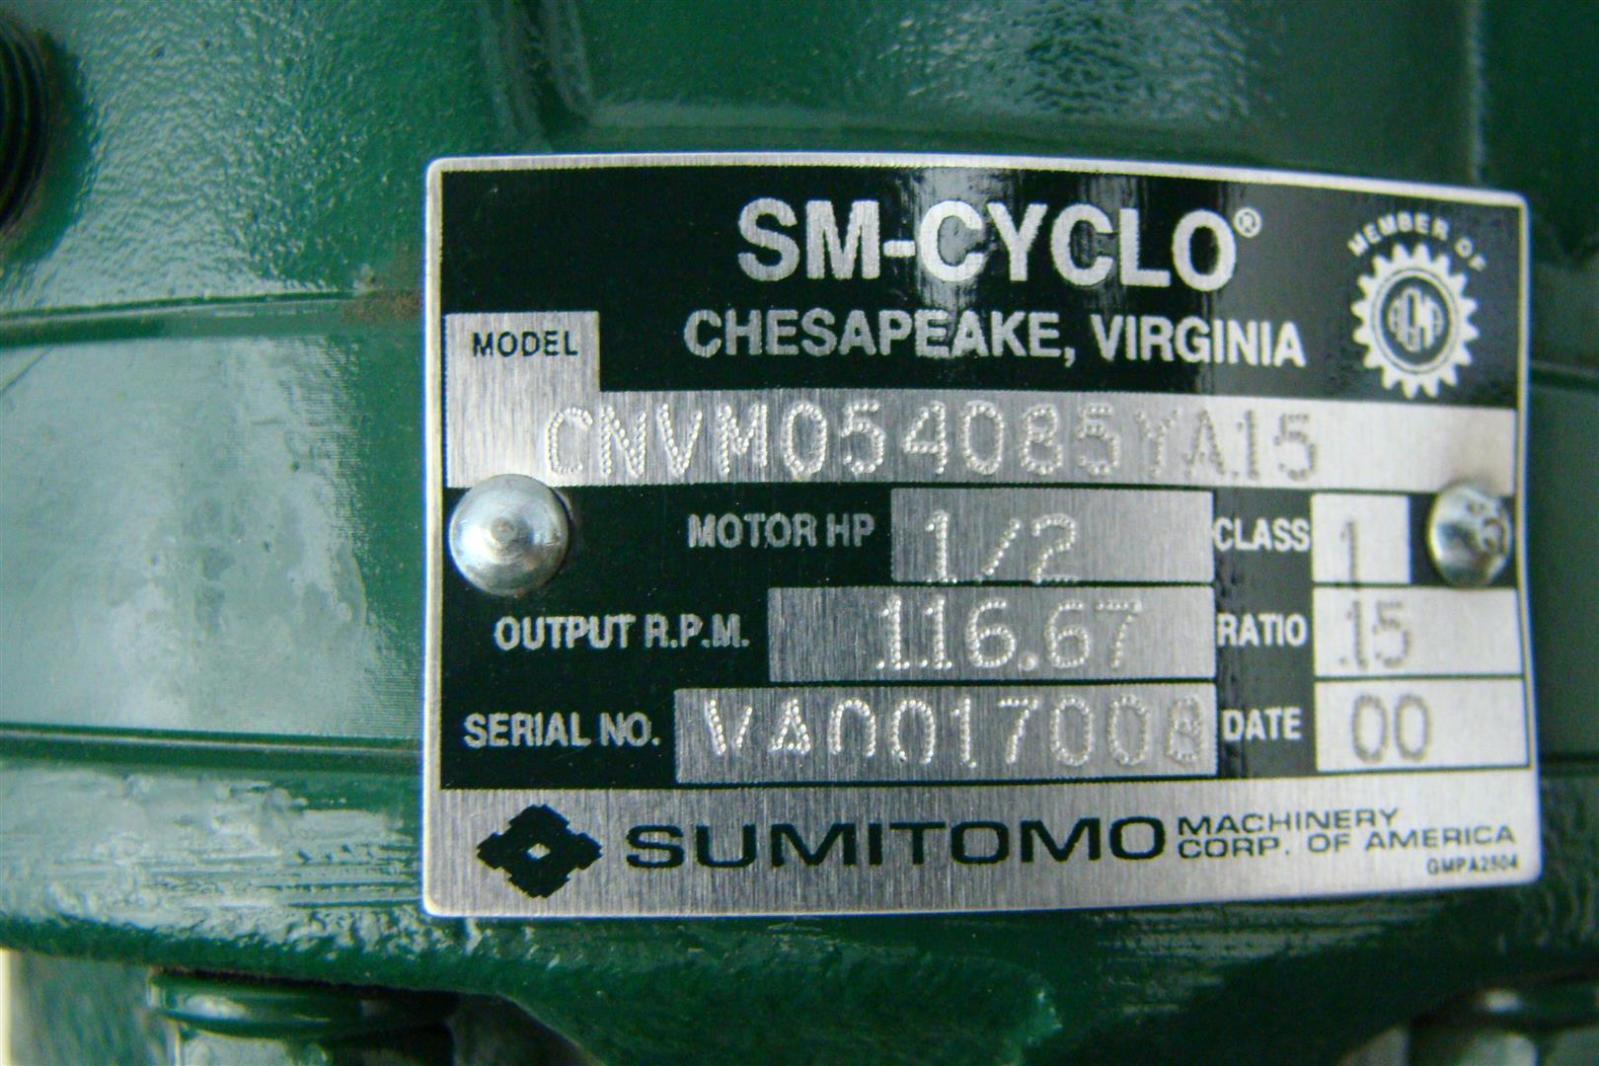 Sumitomo SM-Cyclo 3ph induction motor  1/2HP 230/460V 2.1A 1740RPM CNVM054085YA15